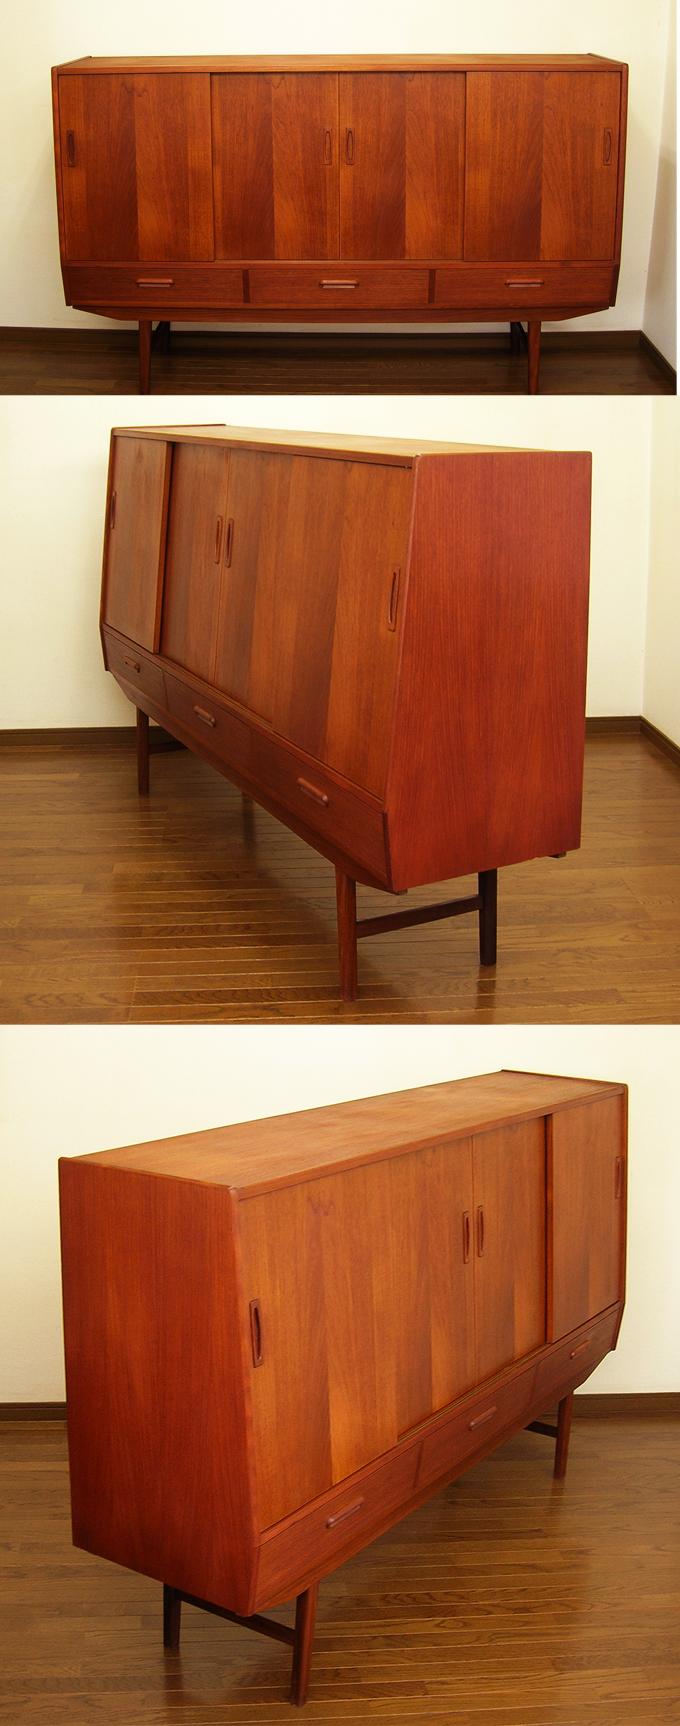 チーク・サイドボード全体amber designビンテージ北欧中古家具アンティーク雑貨通販アンバーデザイン